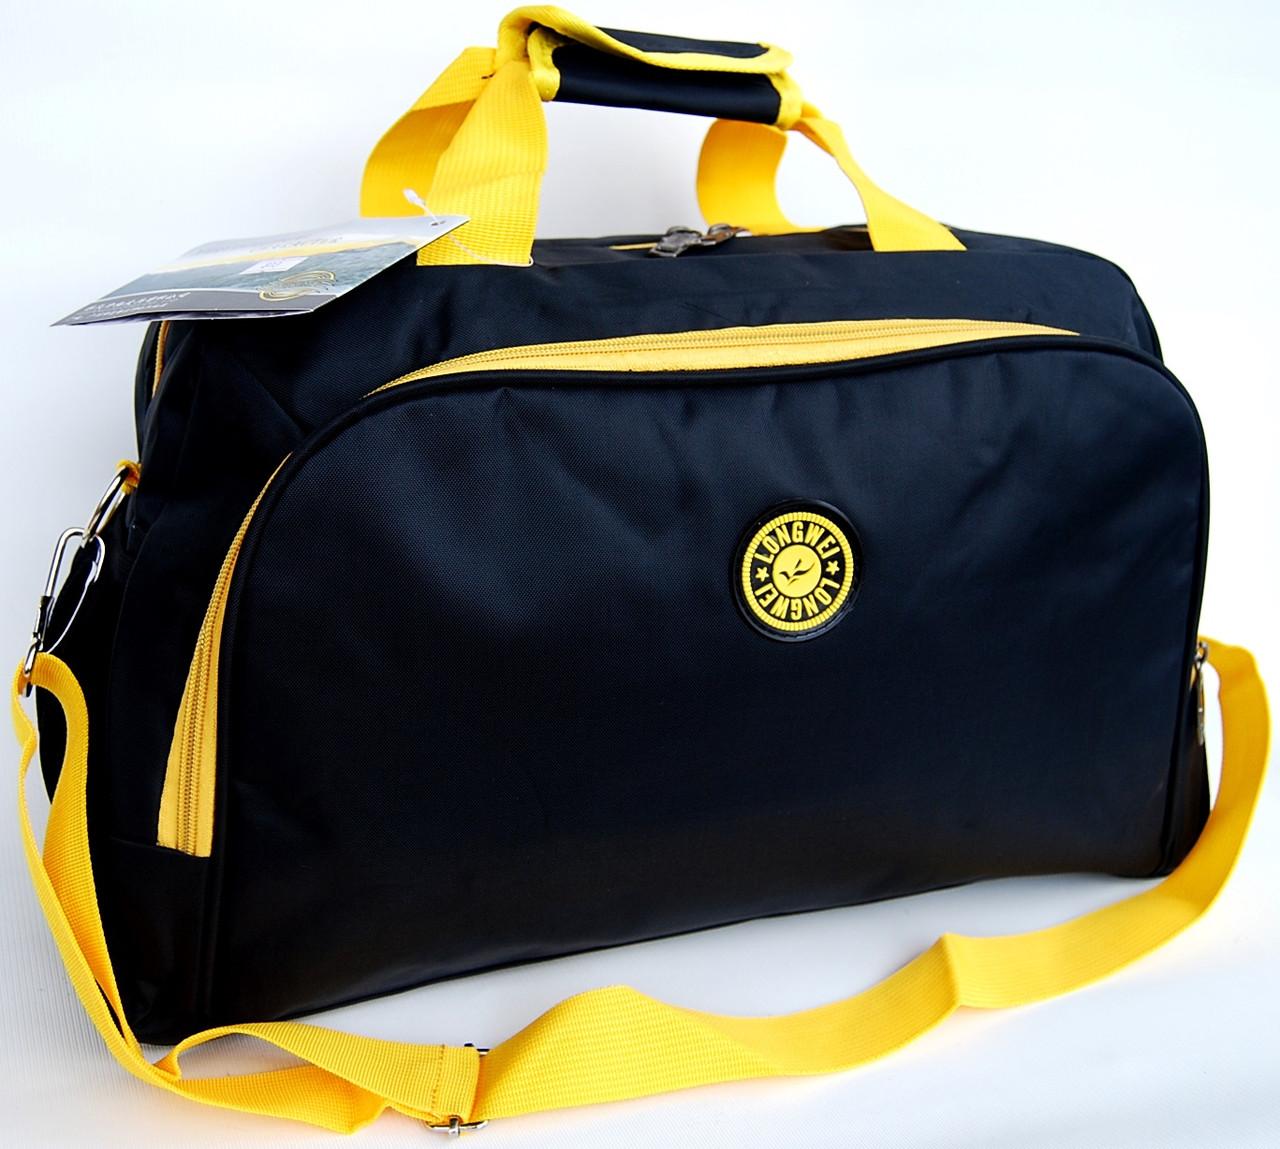 138847bddc06 Спортивная, дорожная сумка. Унисекс. КСС39 - интернет-магазин